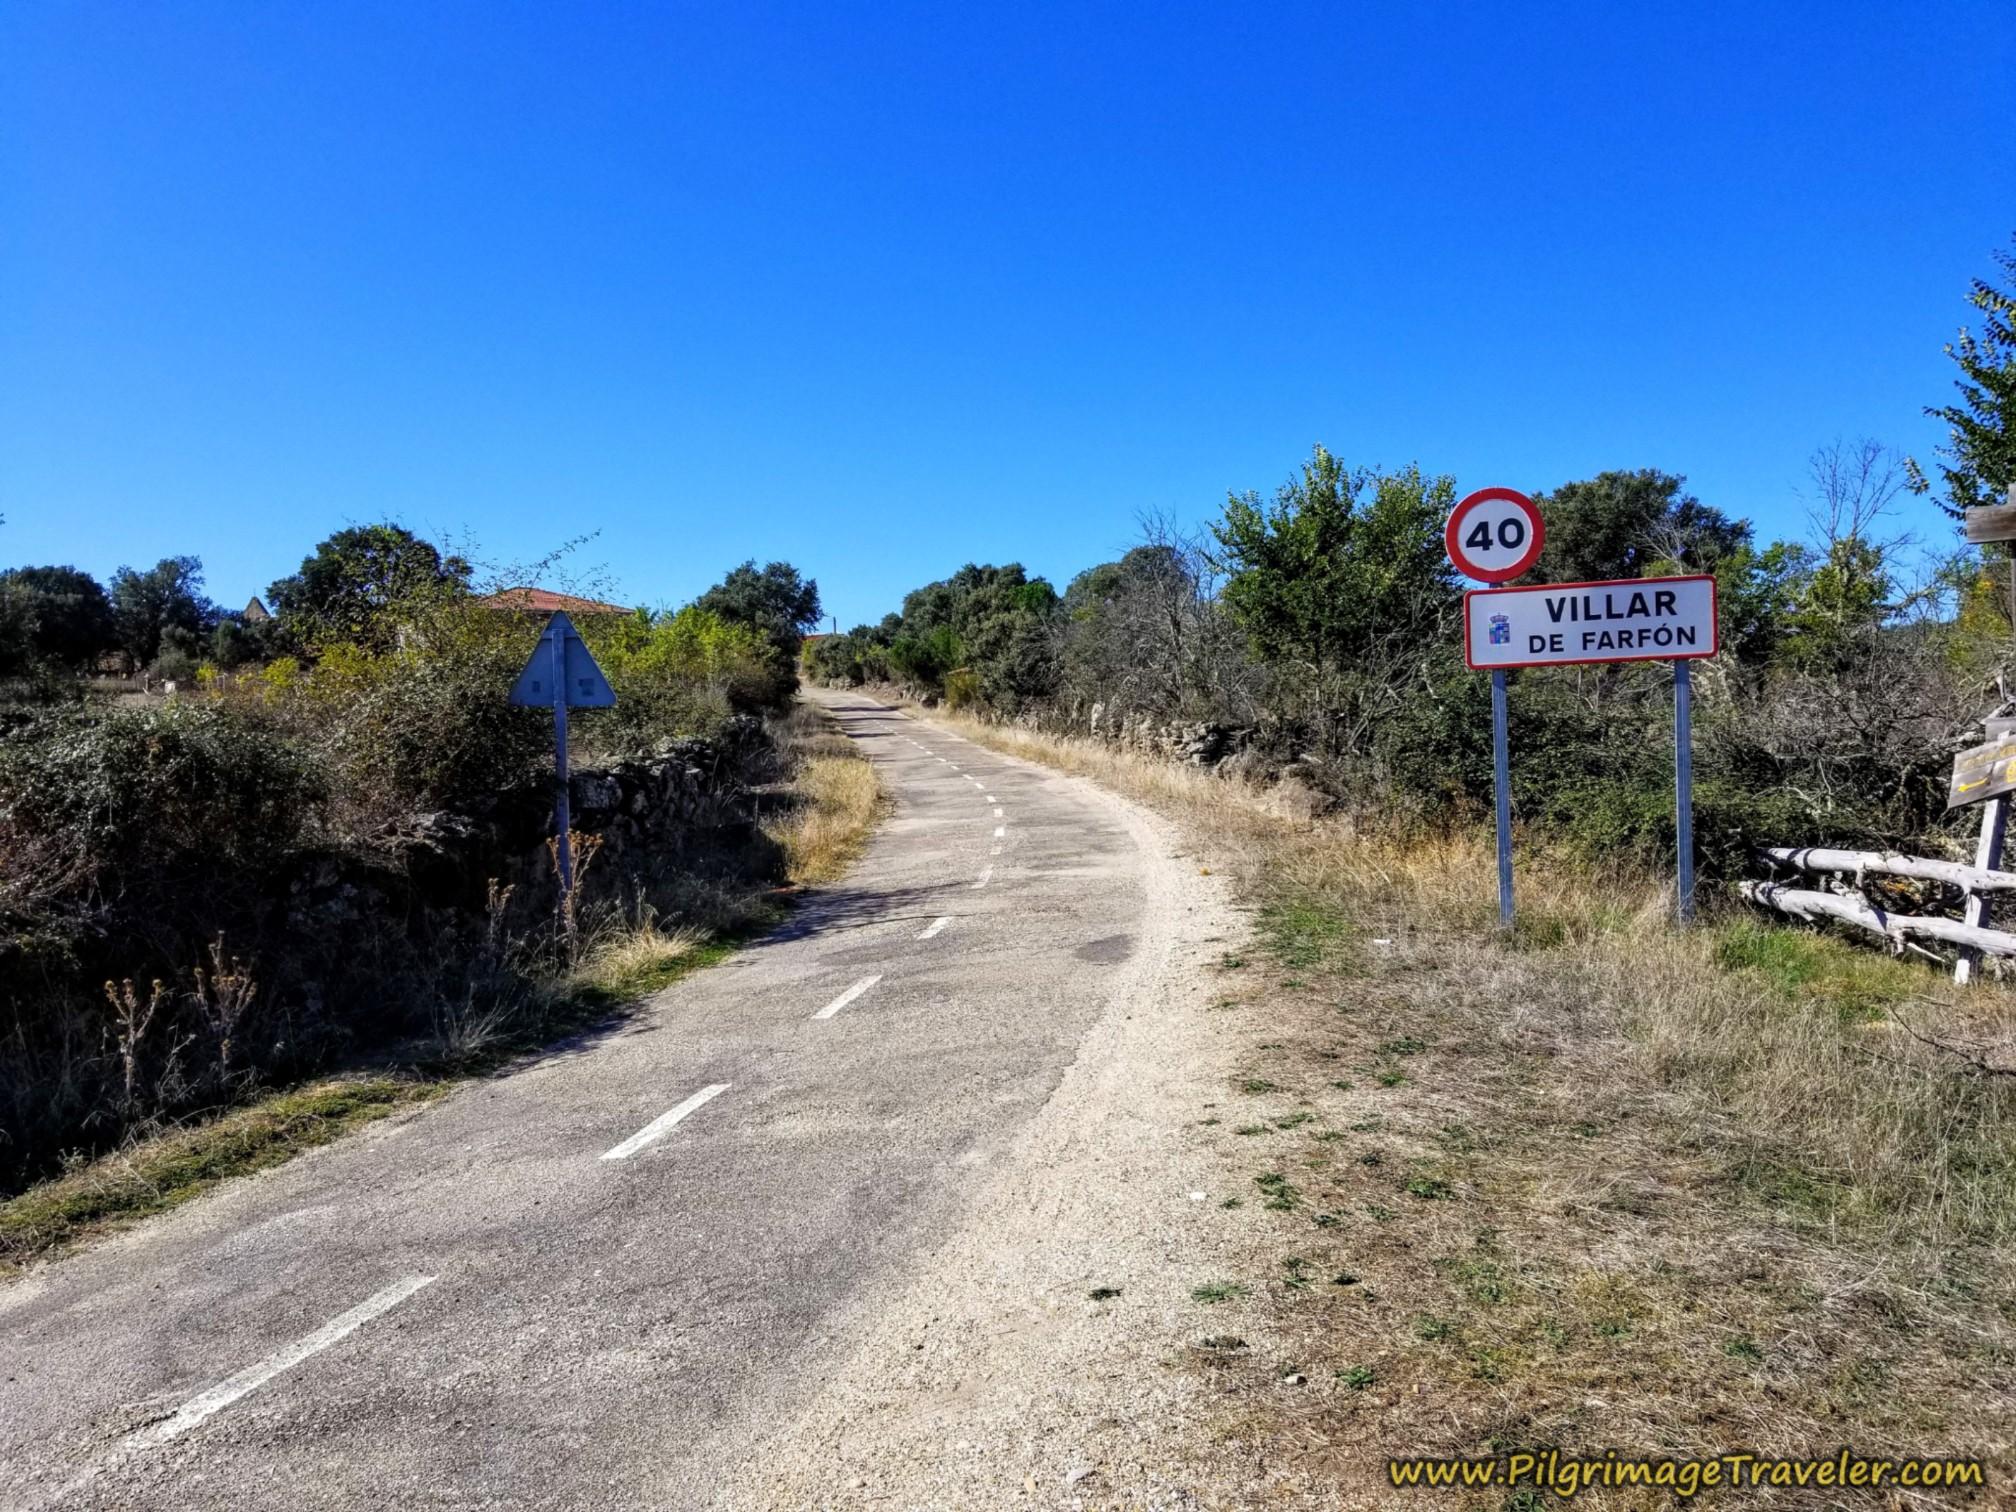 Welcome to Villar de Farfón